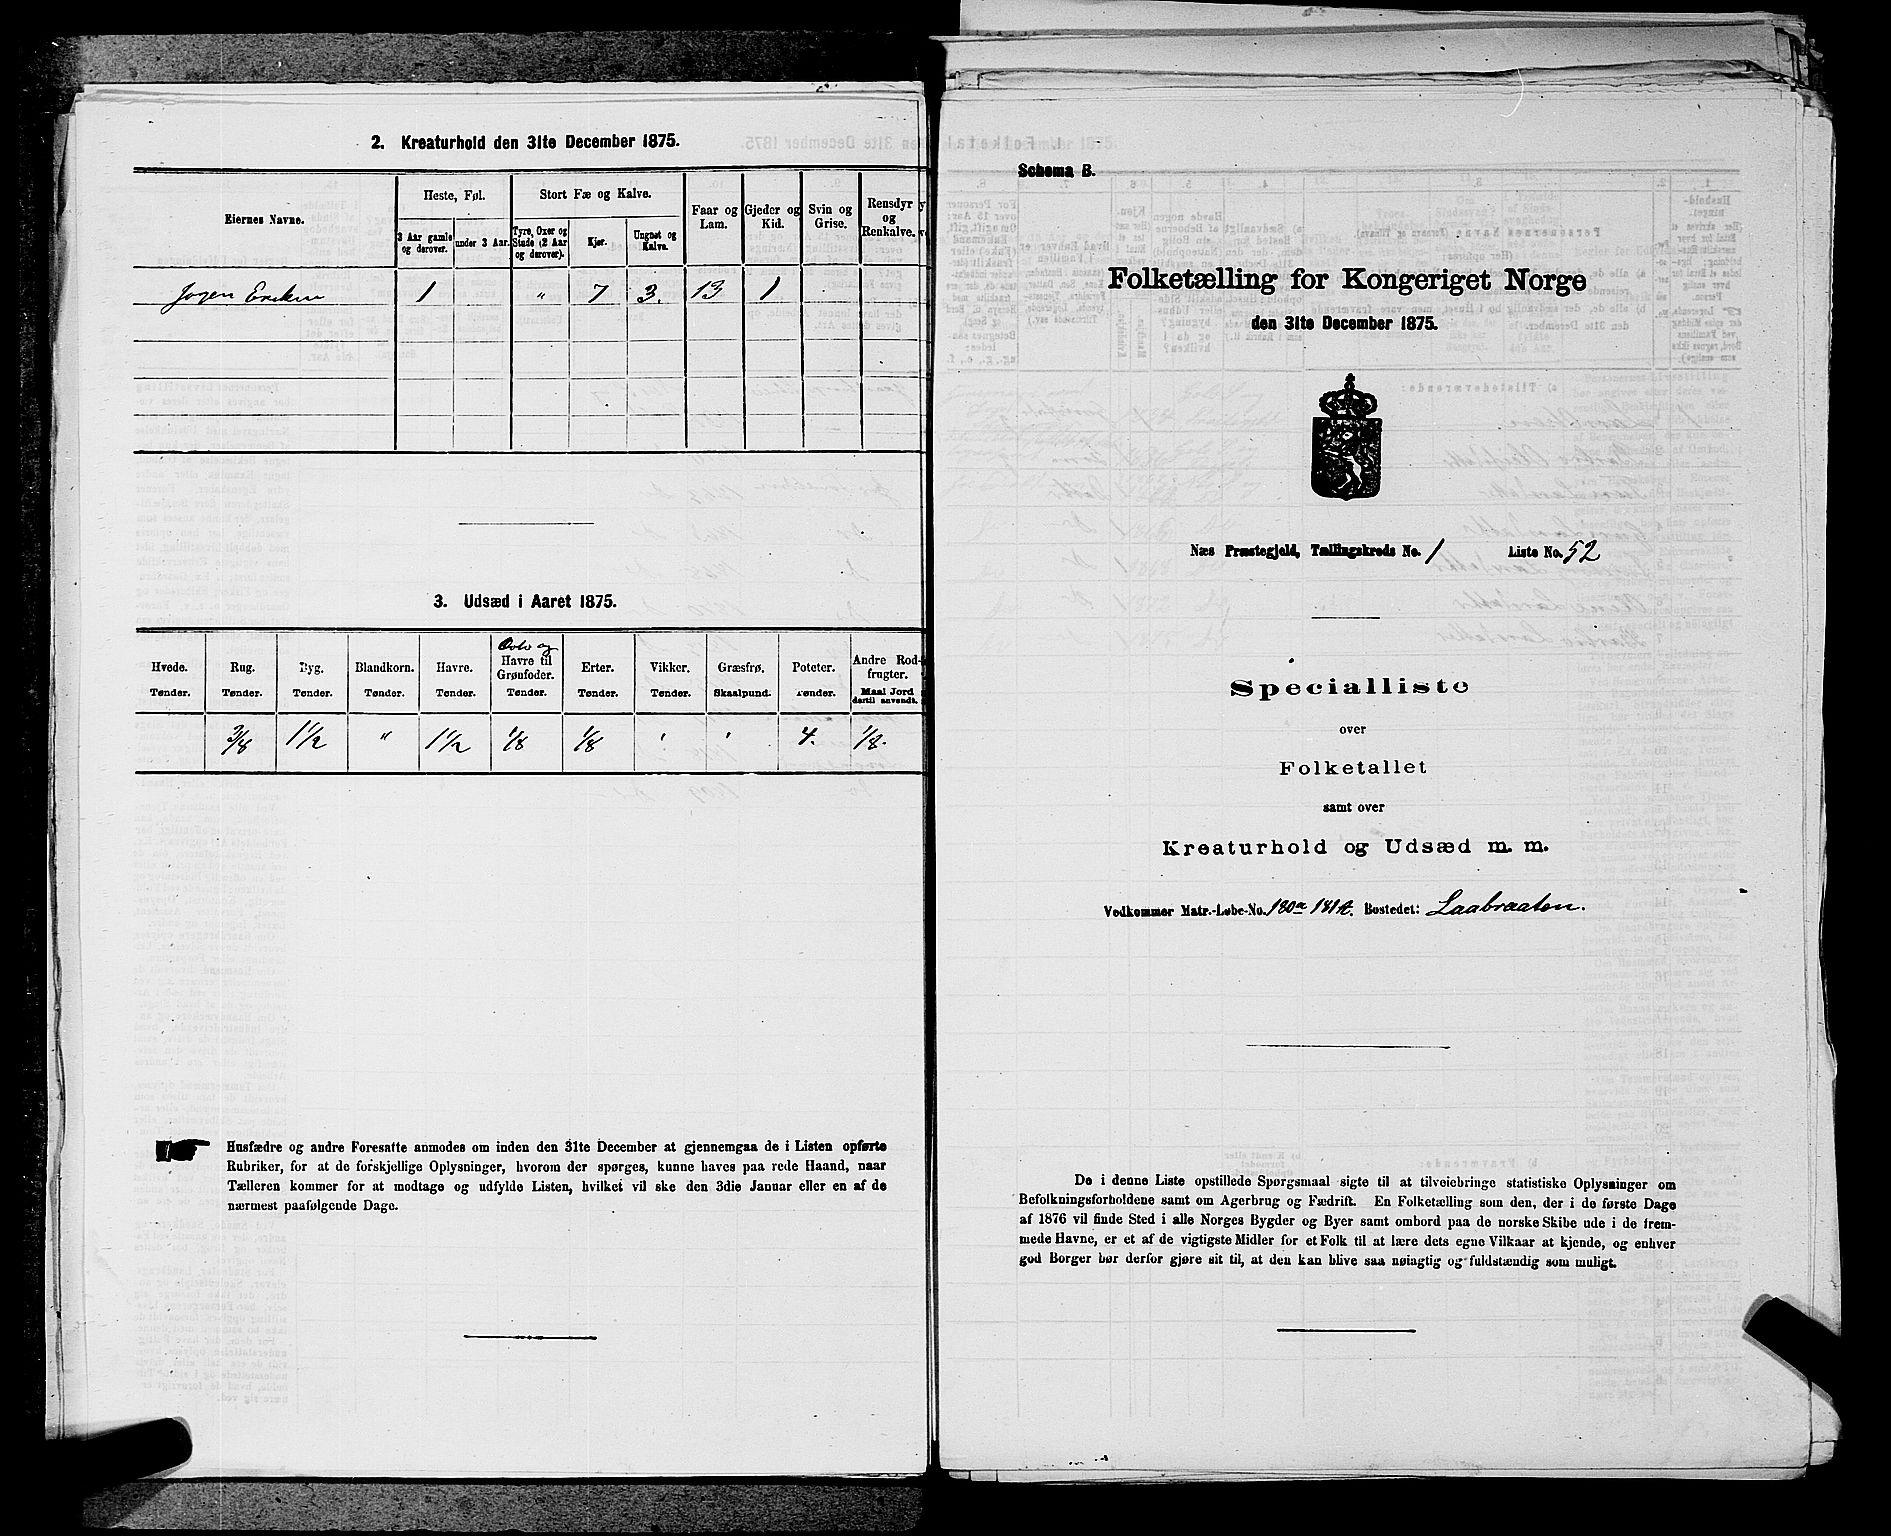 SAKO, 1875 census for 0616P Nes, 1875, p. 109